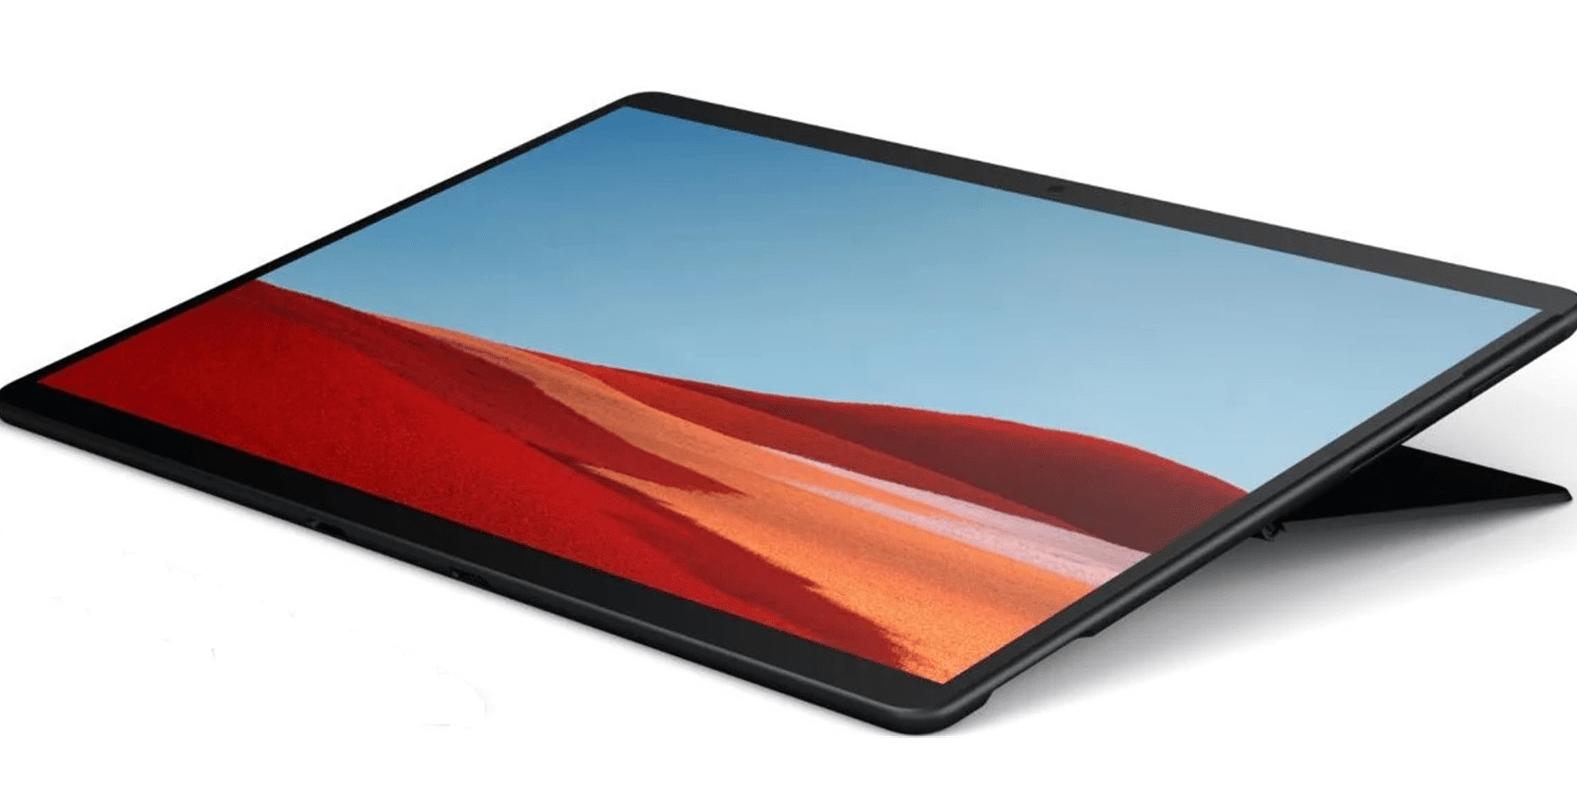 Đánh giá Surface Pro X - thiết kế, màn hình,cổng kết nối 6